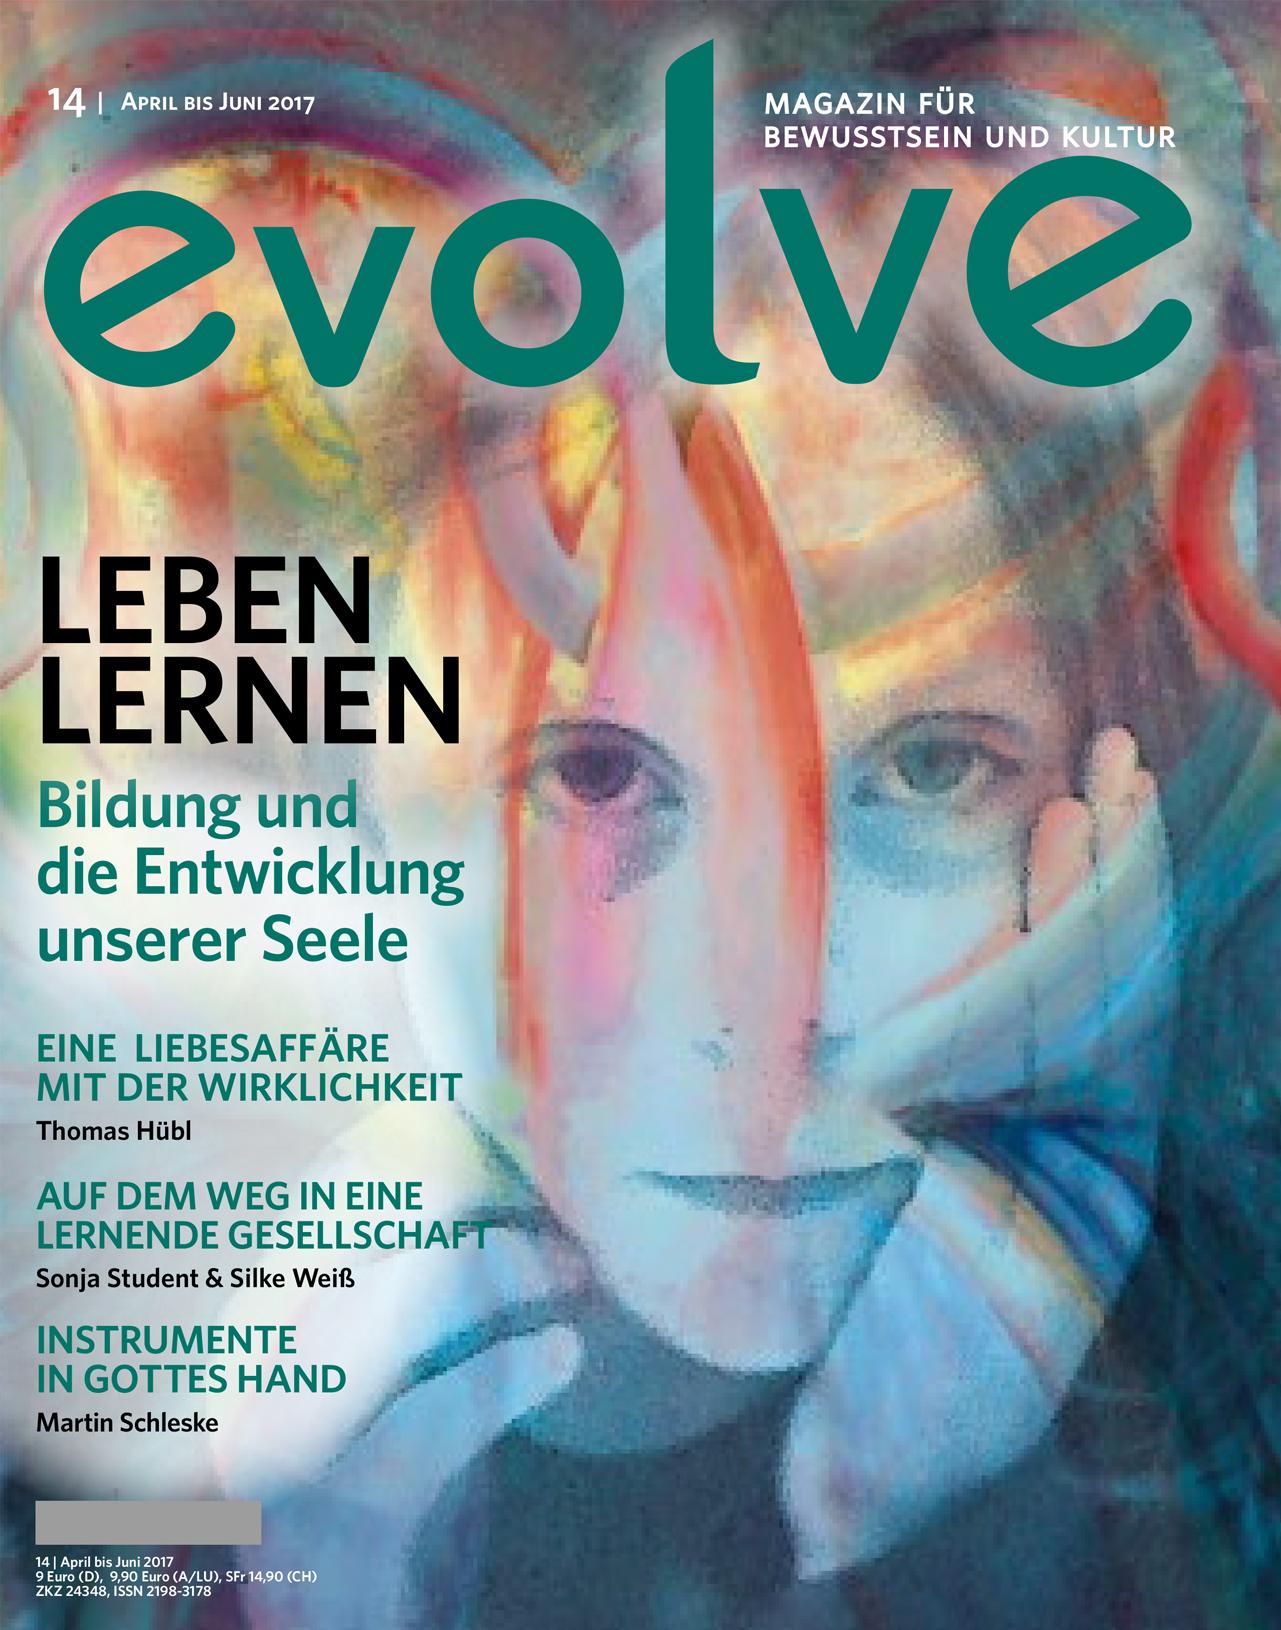 evolve14_01-U1 150dpi